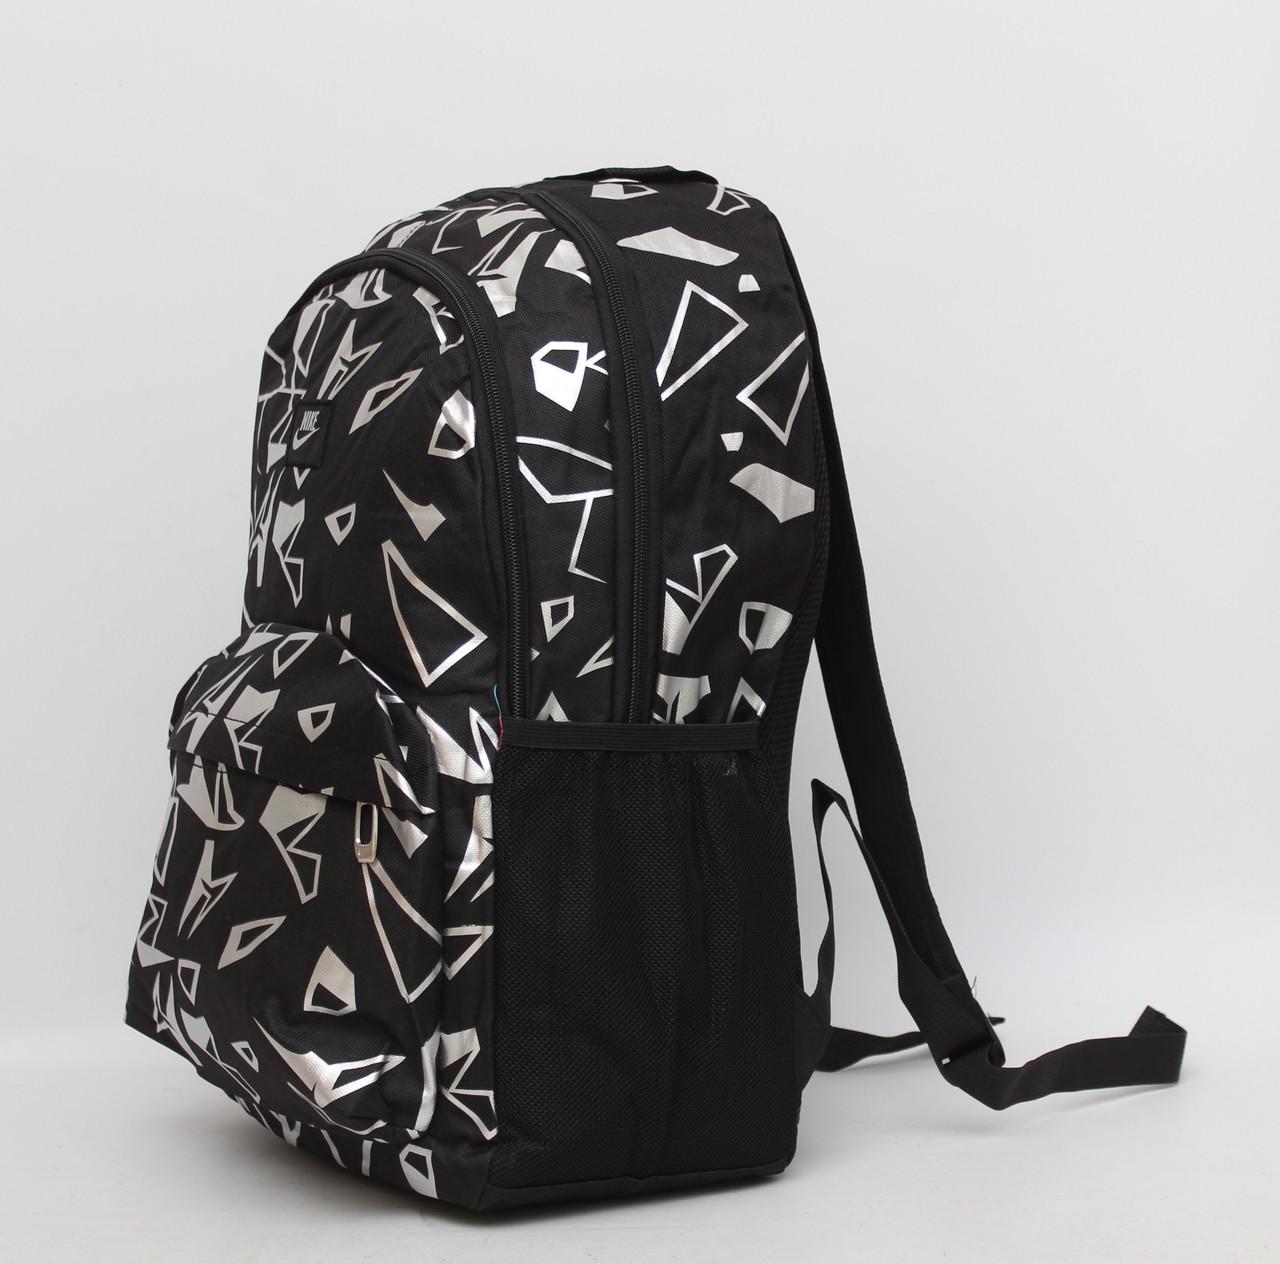 9444b8e8f5c5 жіночий спортивний рюкзак Nike женский спортивный рюкзак Nike в